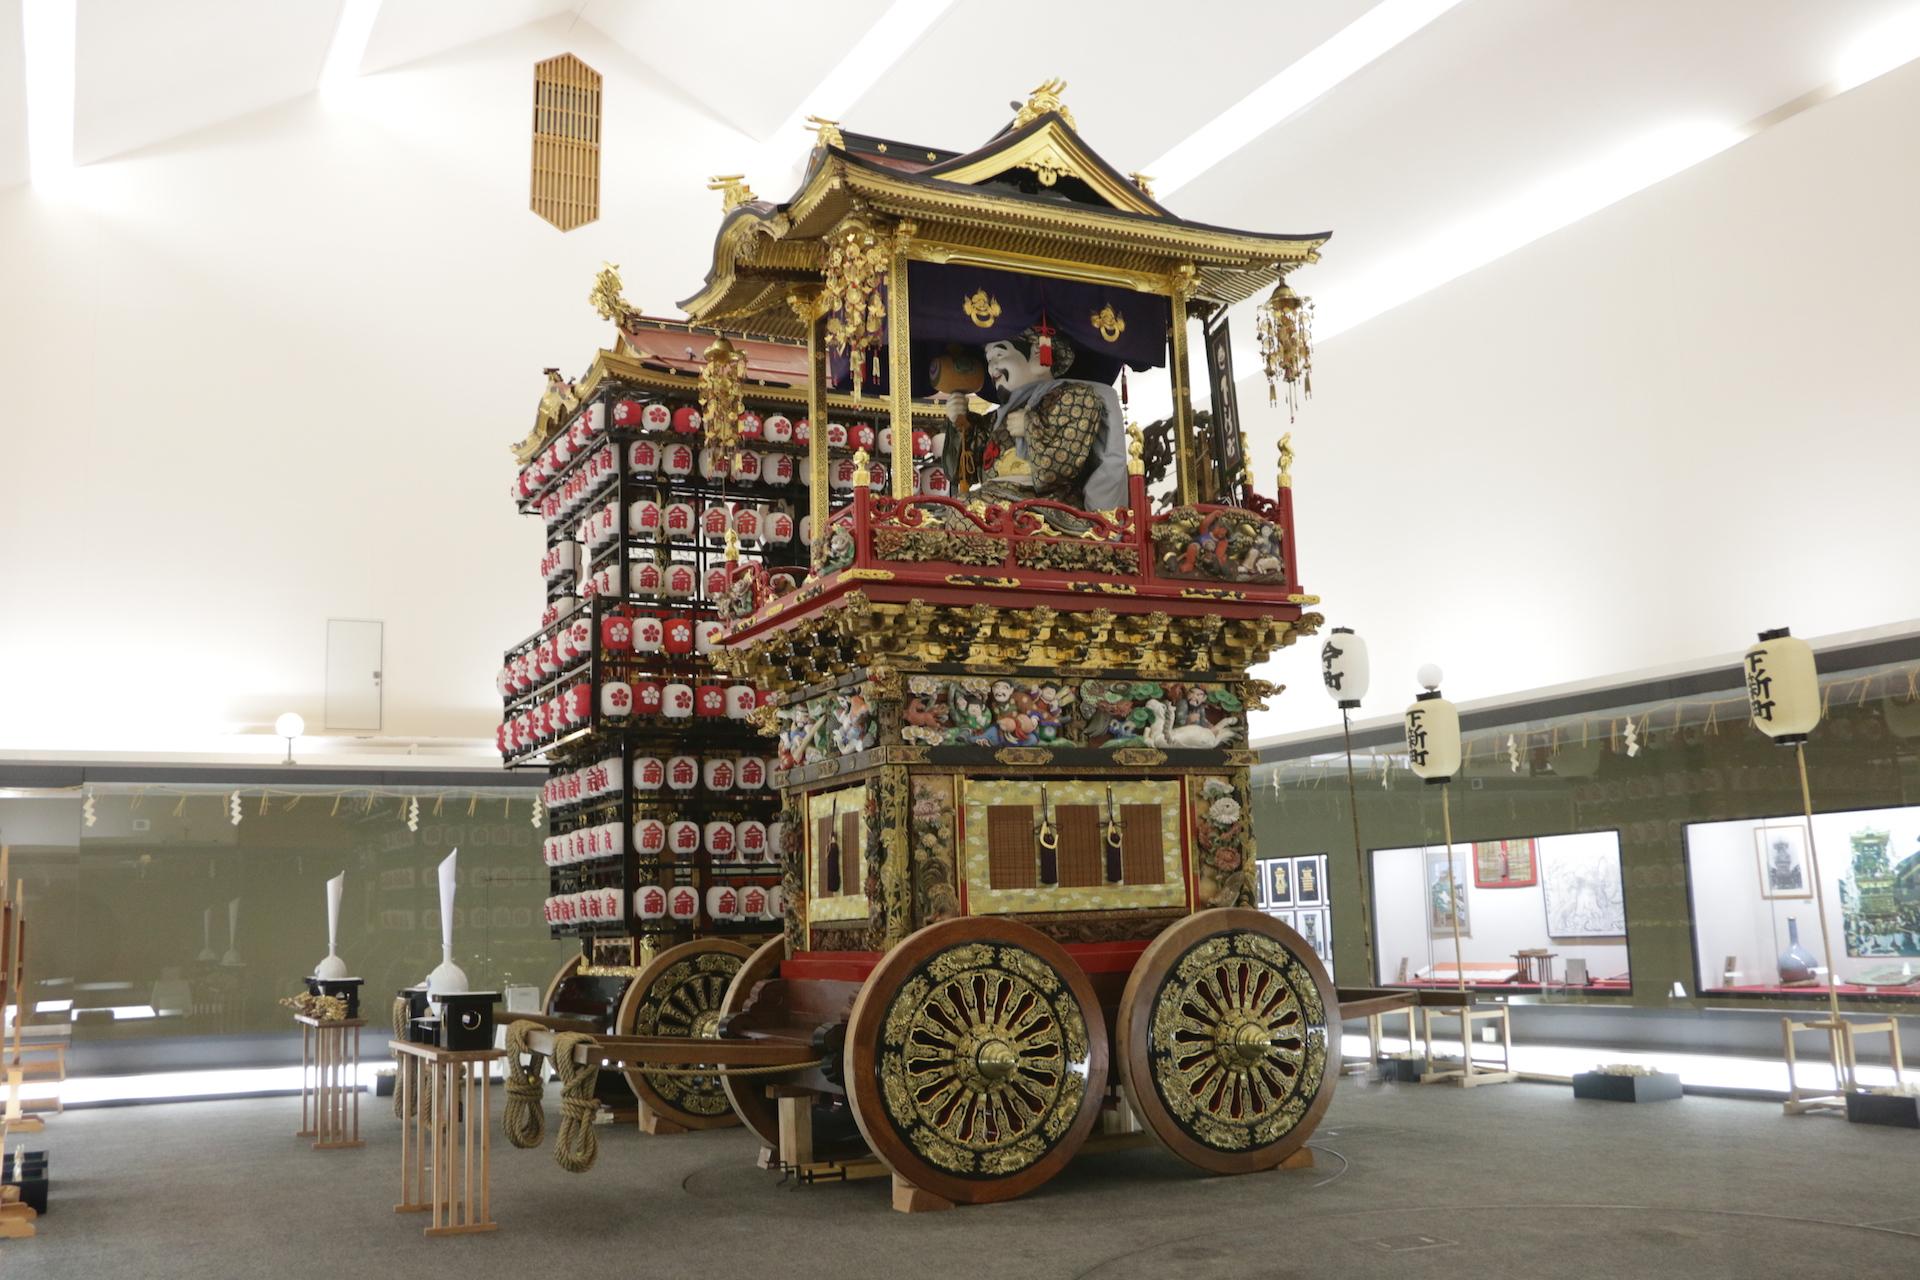 「おわら」の他に、5月の曳山祭も有名な越中八尾地域。展示館内に保存されている曳山も豪華絢爛です